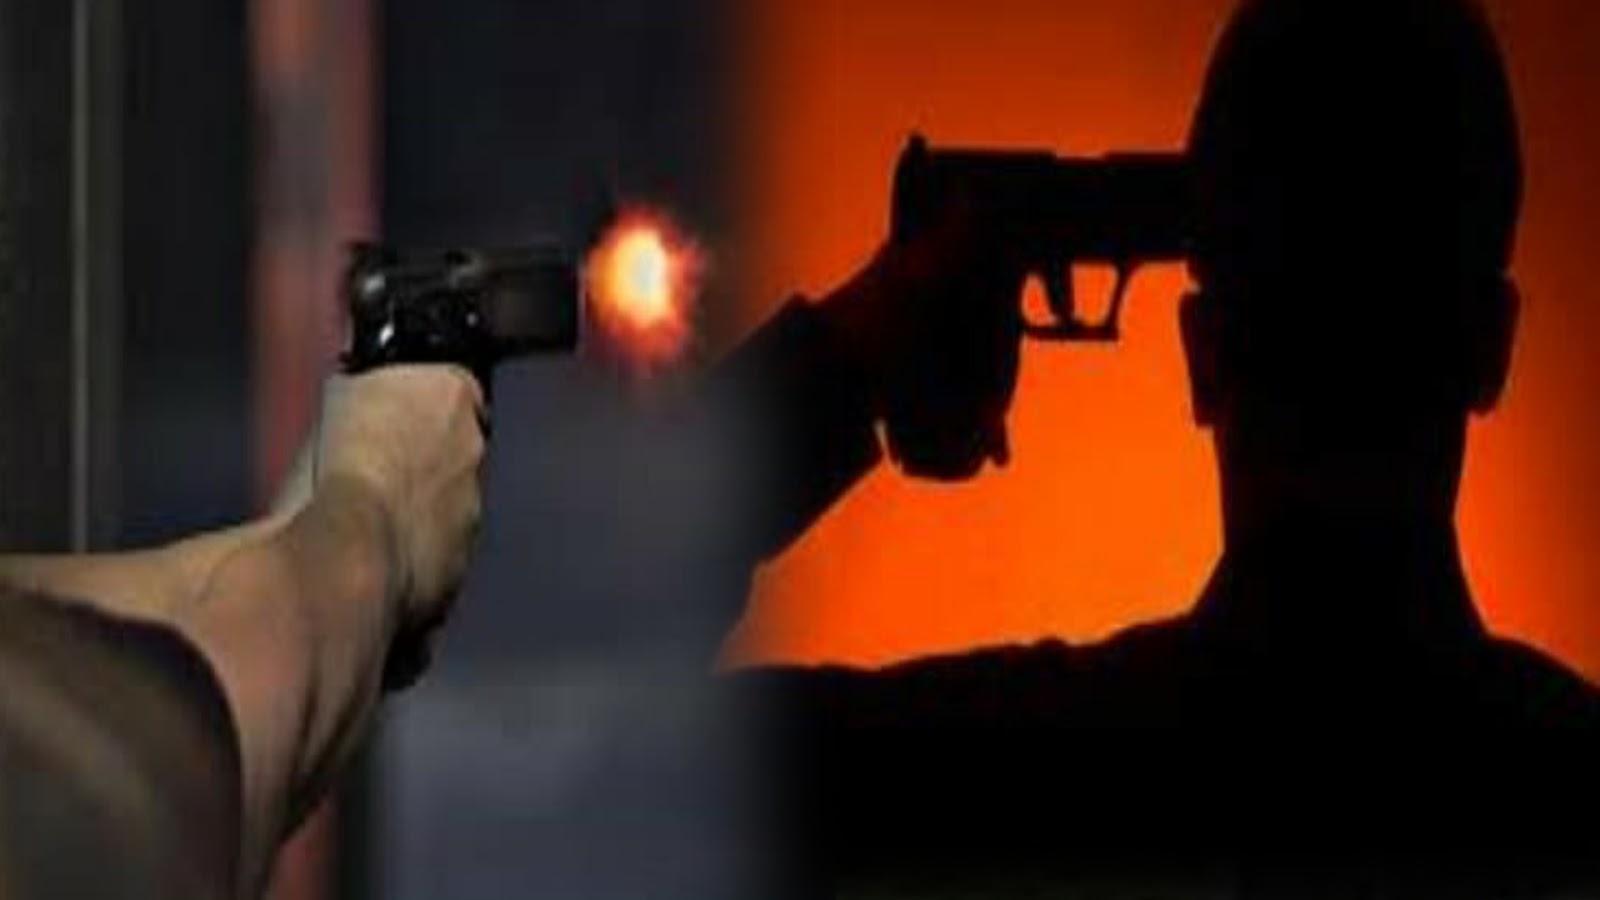 CRPF के सब-इंस्पेक्टर ने अपने सीनियर को मारी गोली, फिर किया सुसाइड